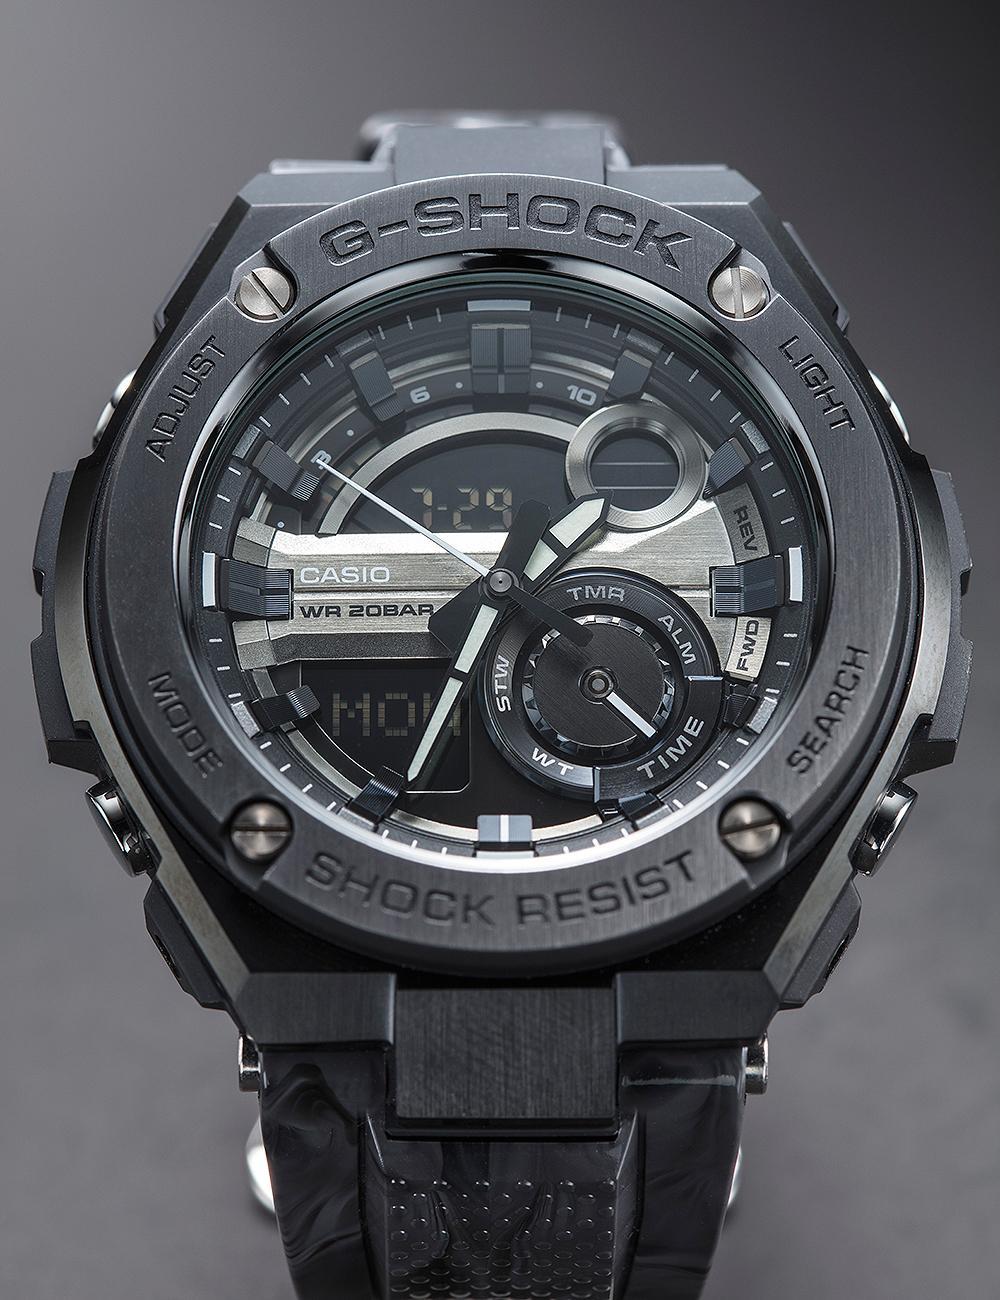 G-SHOCK G-Steel繼承GShock耐操、多功能的特色,但加上鋼為錶殼物料,降低塑膠感之外,也提升了男人味。建議售價NT$11,500。